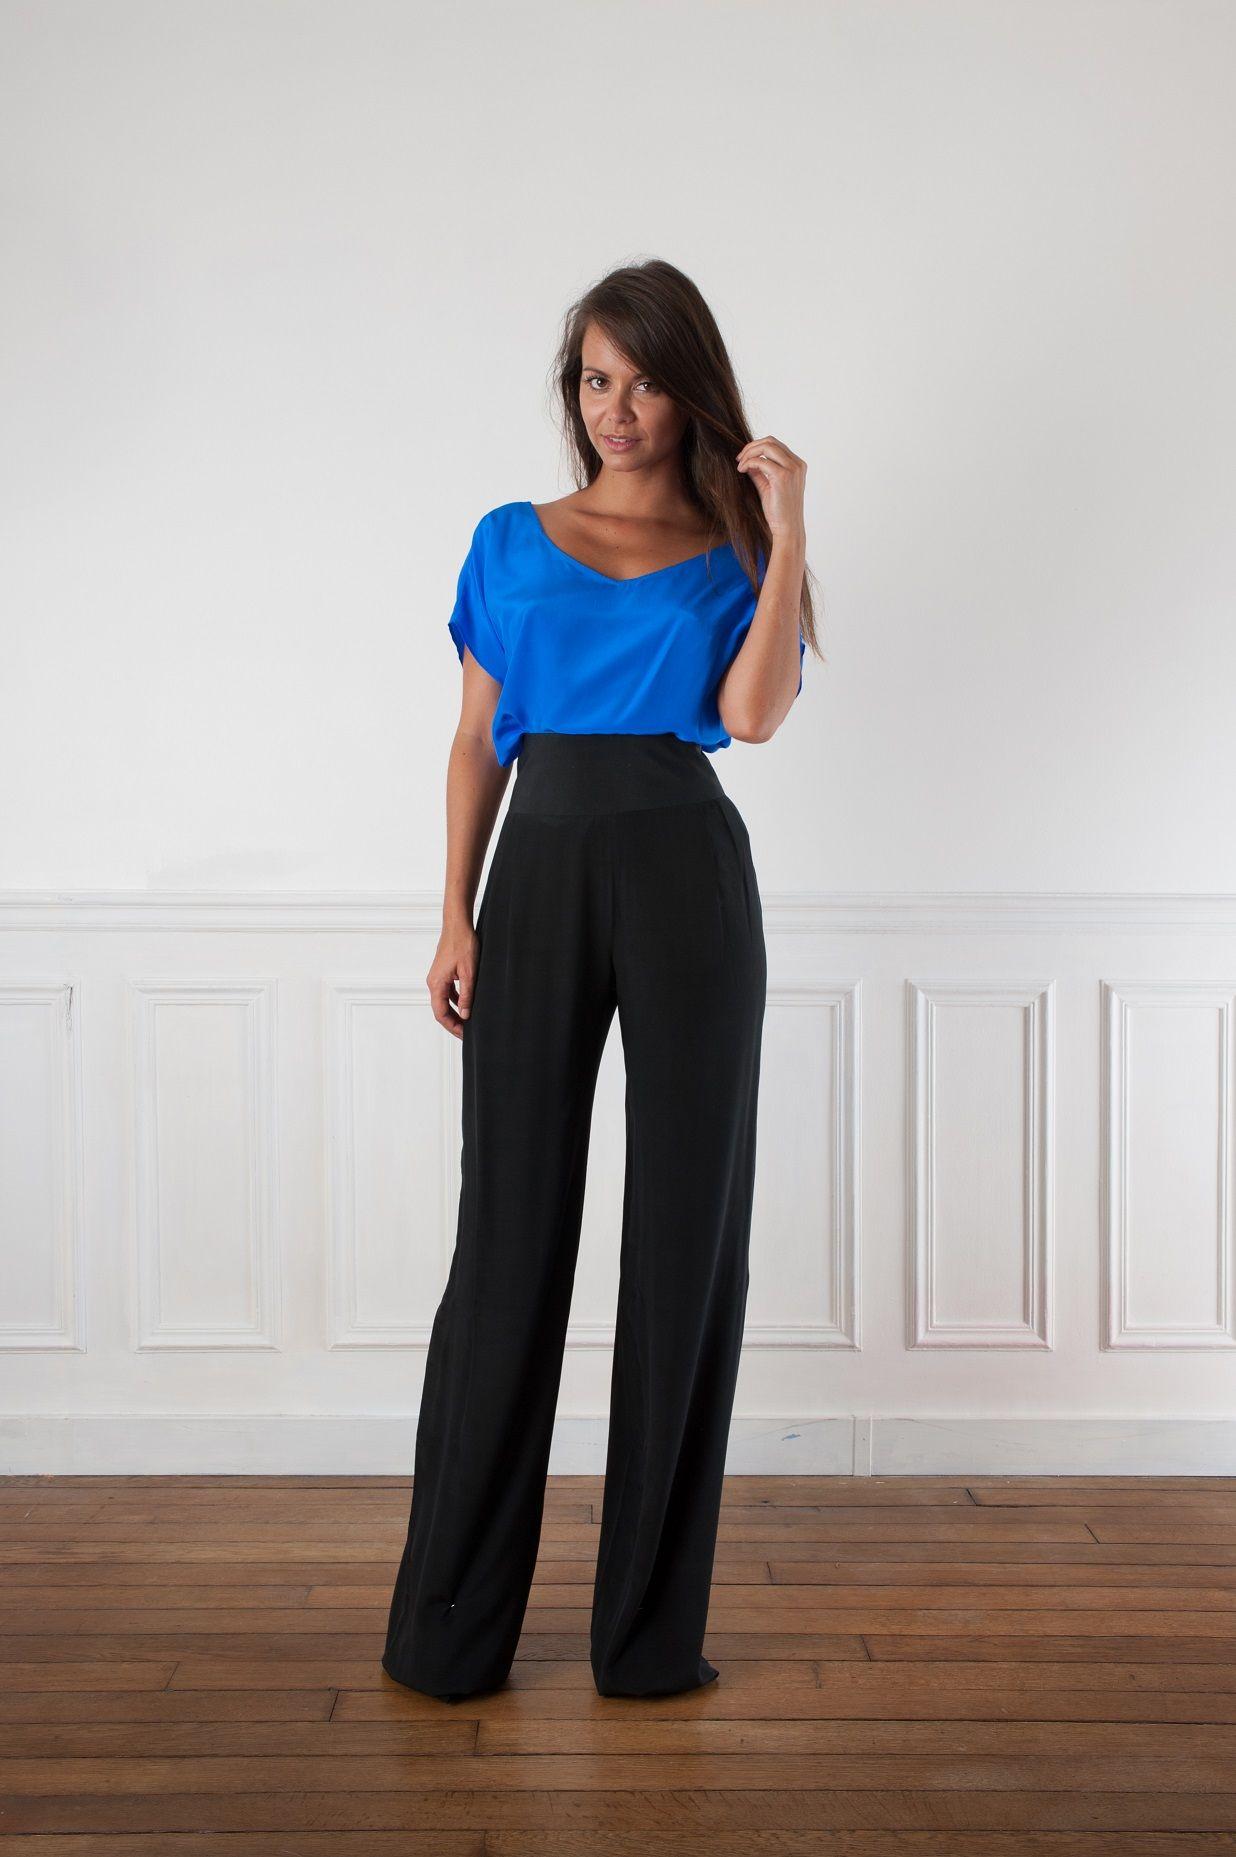 Pantalon En Soie Noir Taille Haute Atelier De Couture 1 Couture Pinterest Atelier Haute